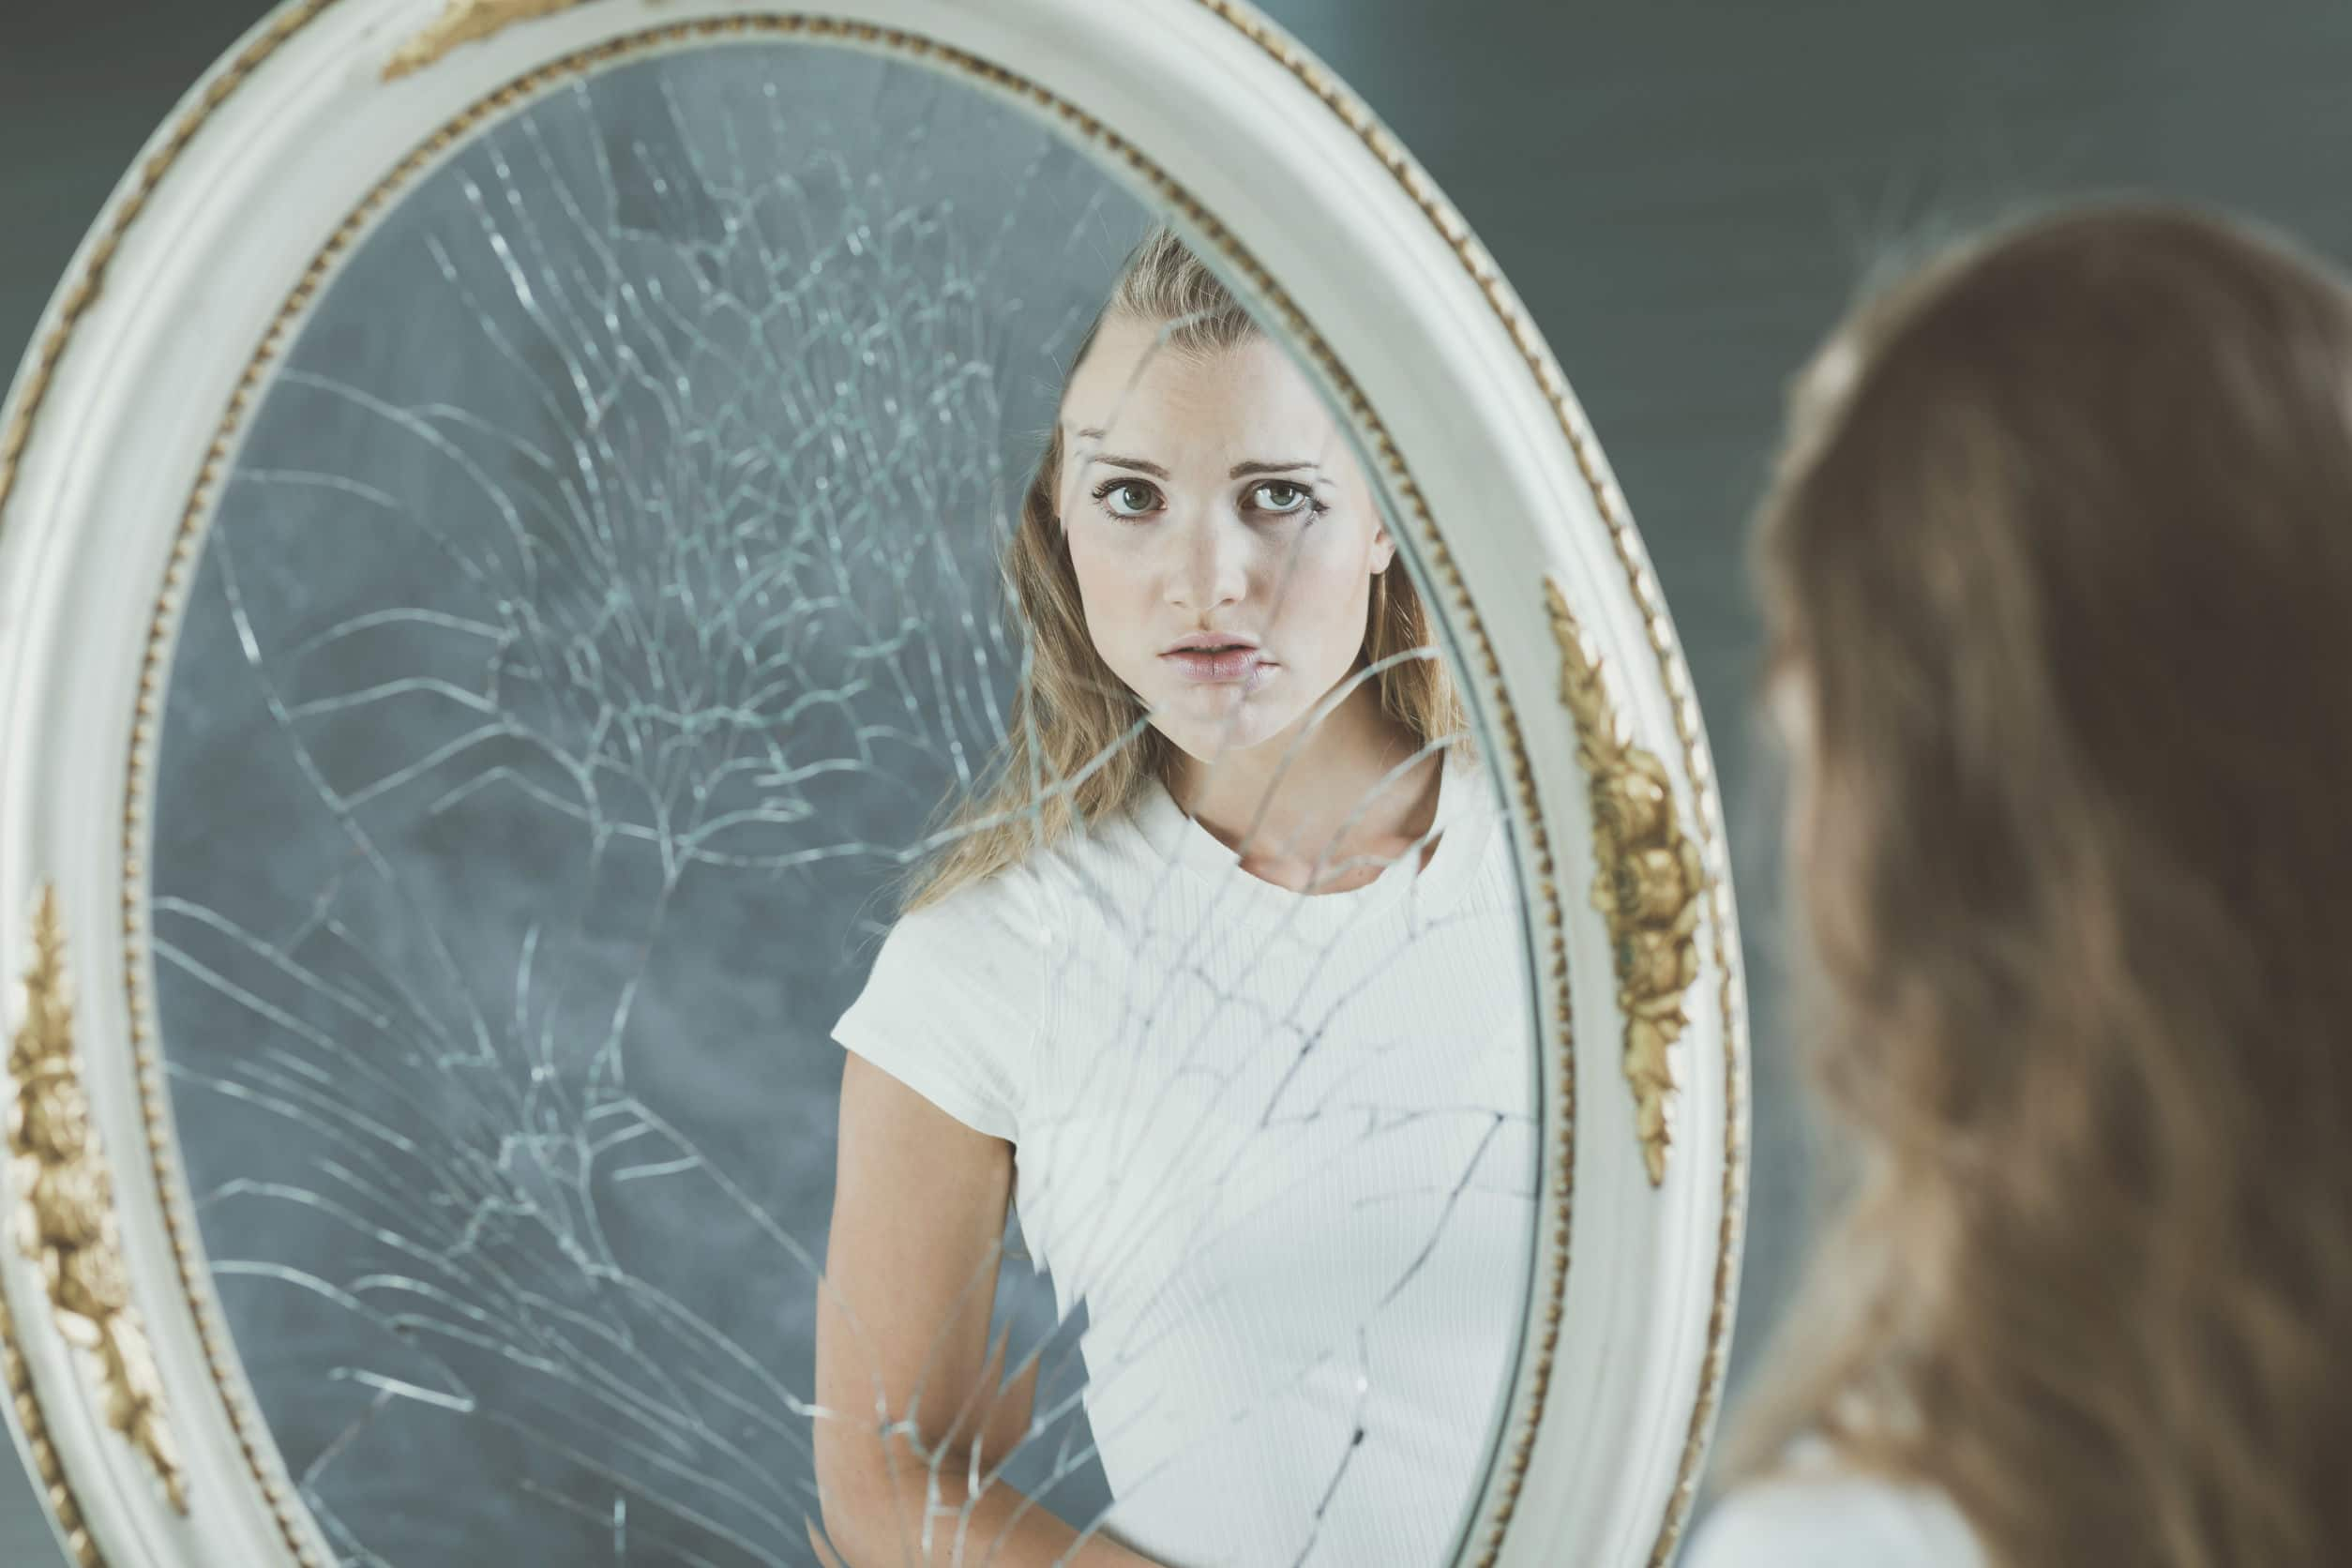 Linda mulher se olhando num espelho quebrado. Conceito de falta de autoestima.